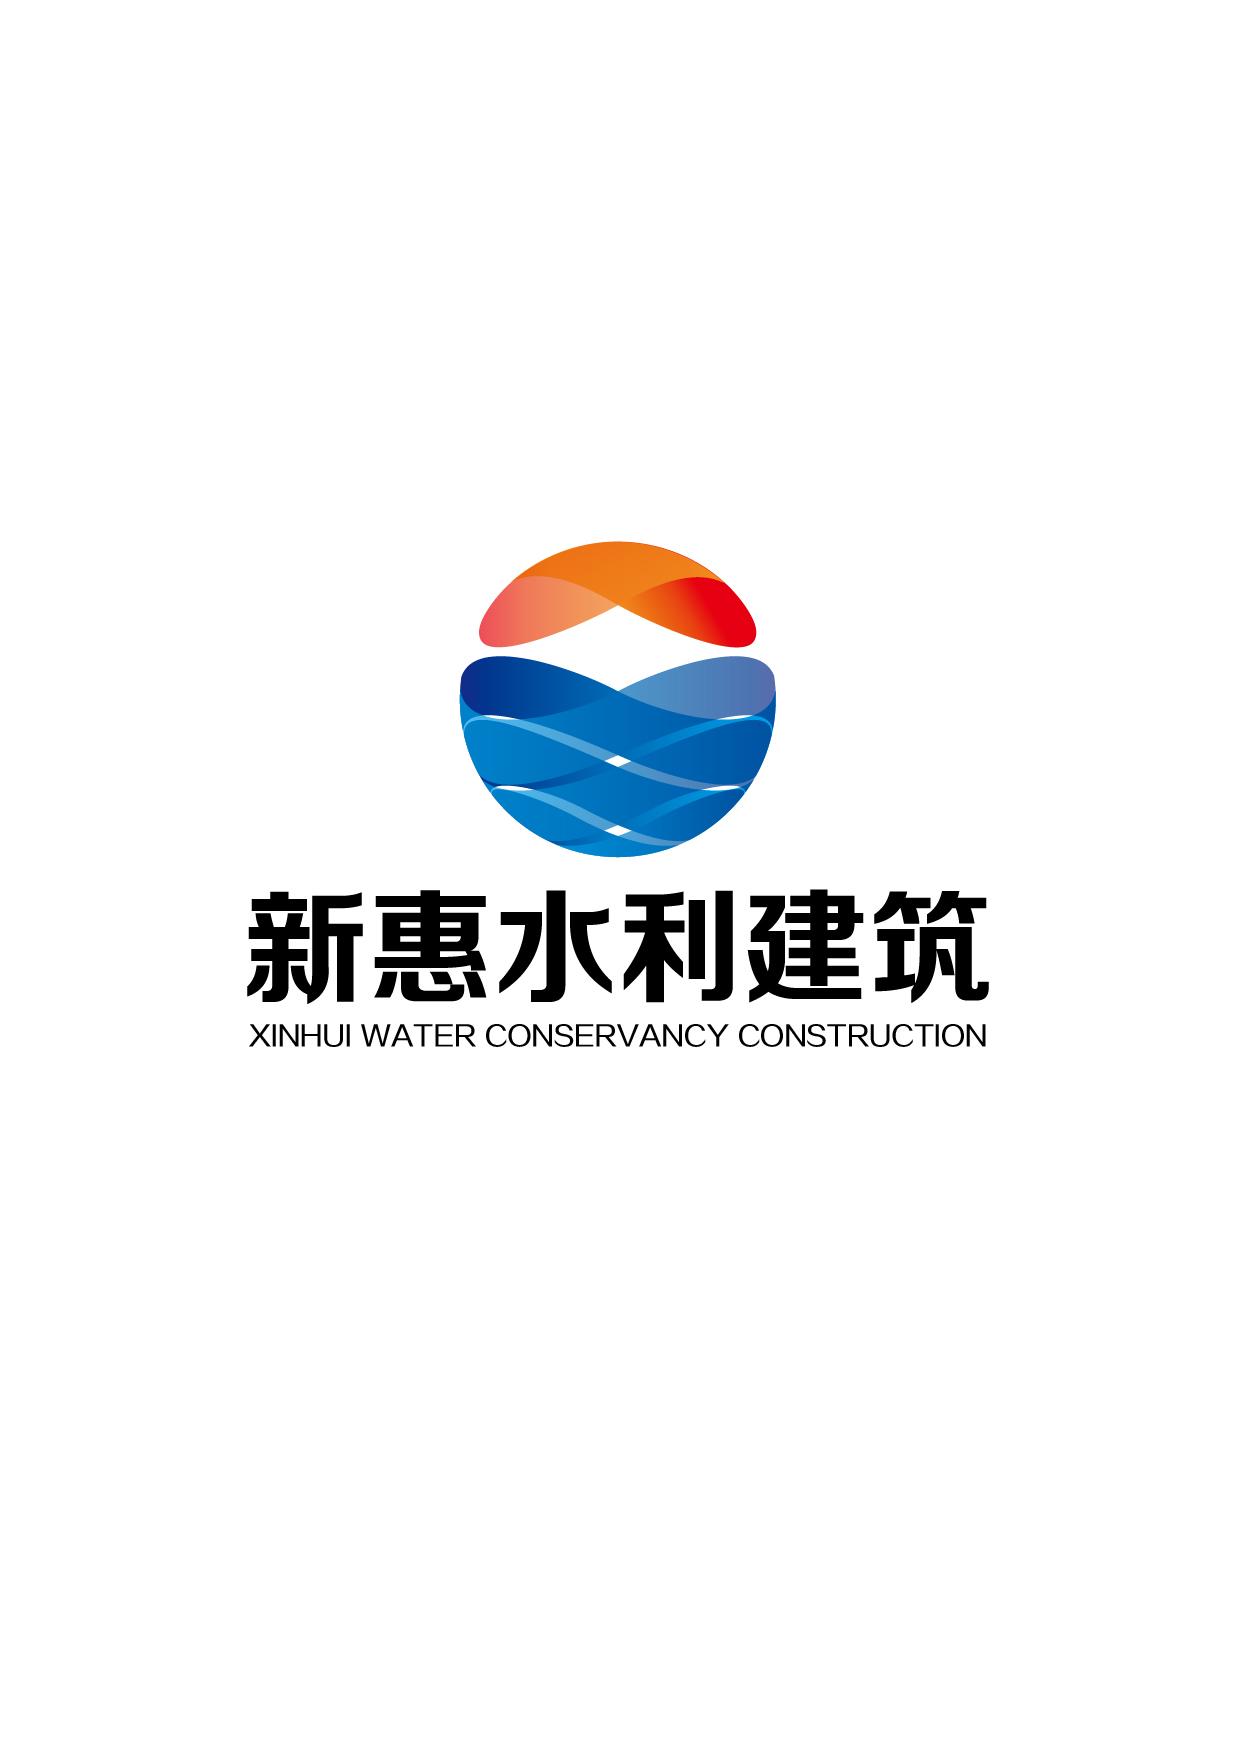 有限公司logo设计